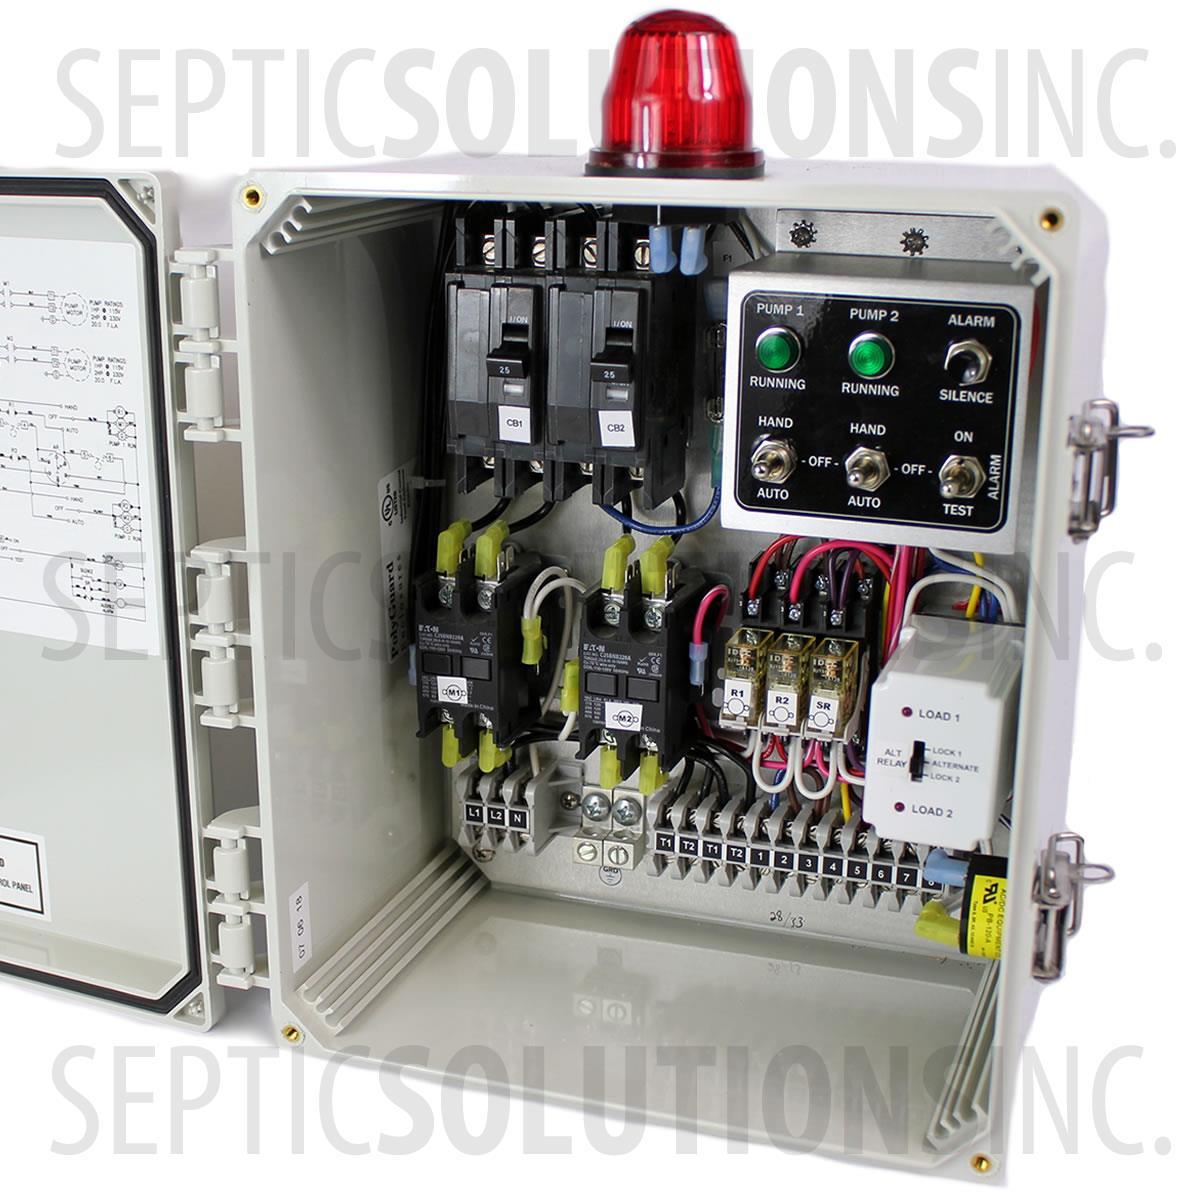 sewage pump wiring diagram sewage image wiring diagram septic pump control box wiring diagram picture septic auto on sewage pump wiring diagram